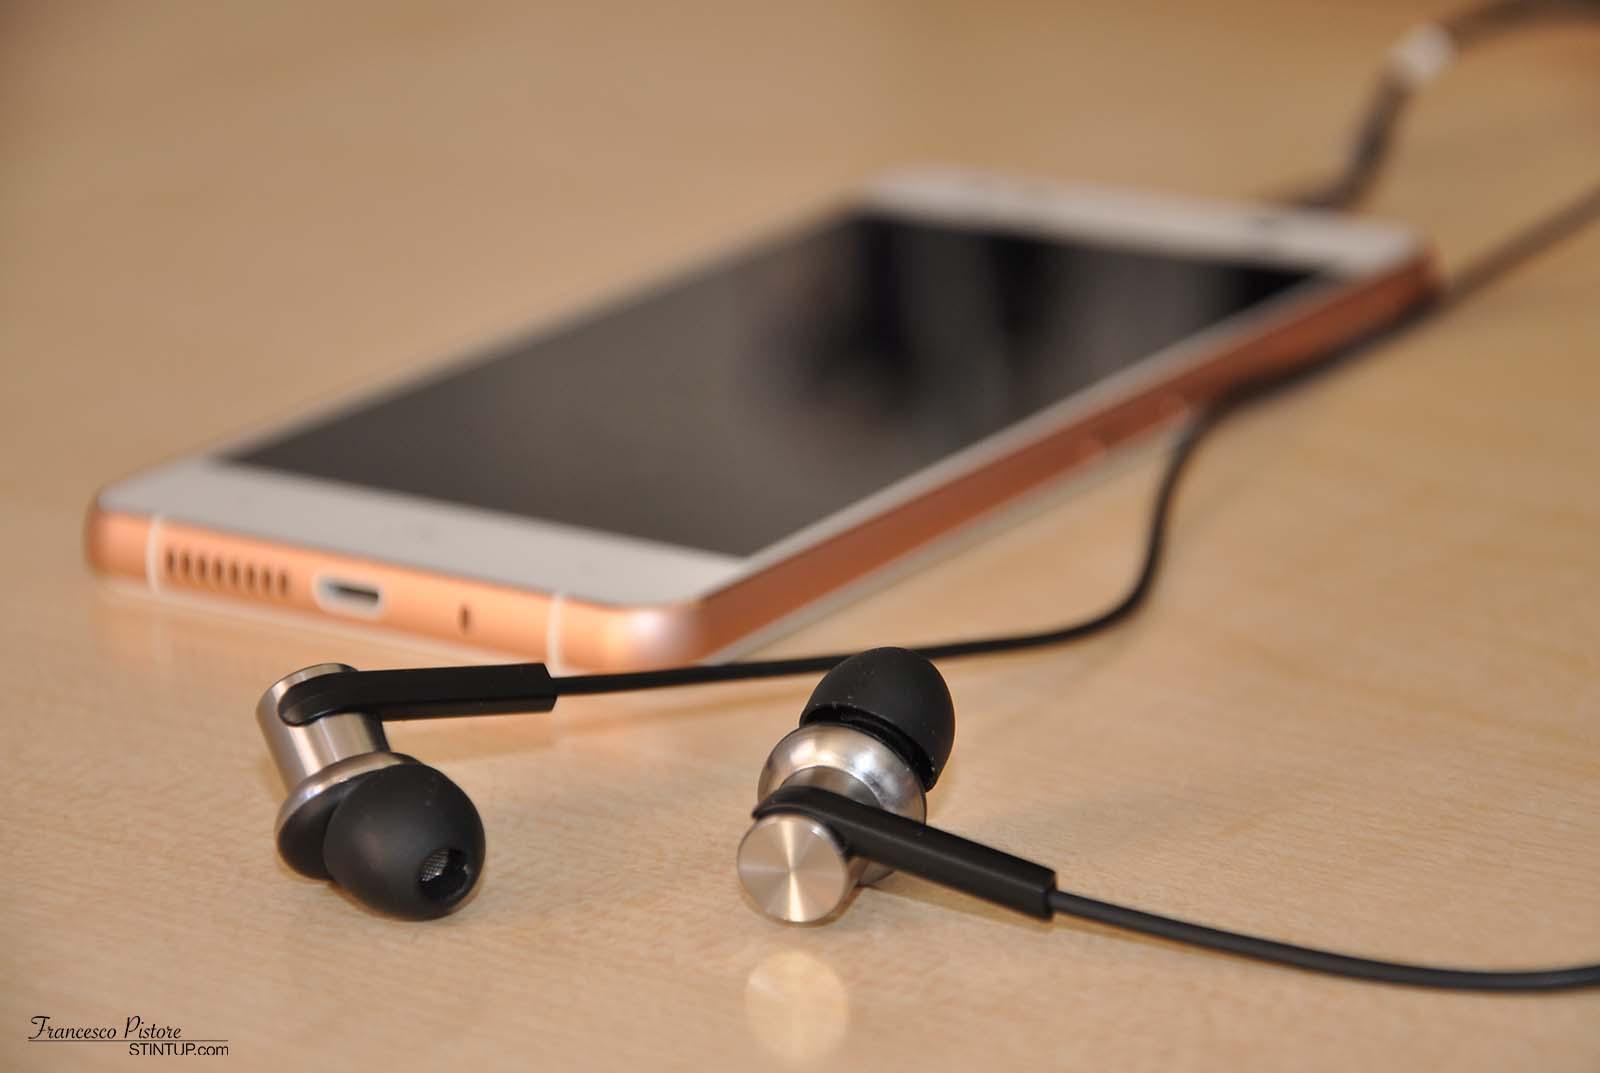 Uno dei tanti test audio. In questo caso con smartphone BQ Aquaris X5 (in arrivo la recensione), Poweramp e file audio FLAC.